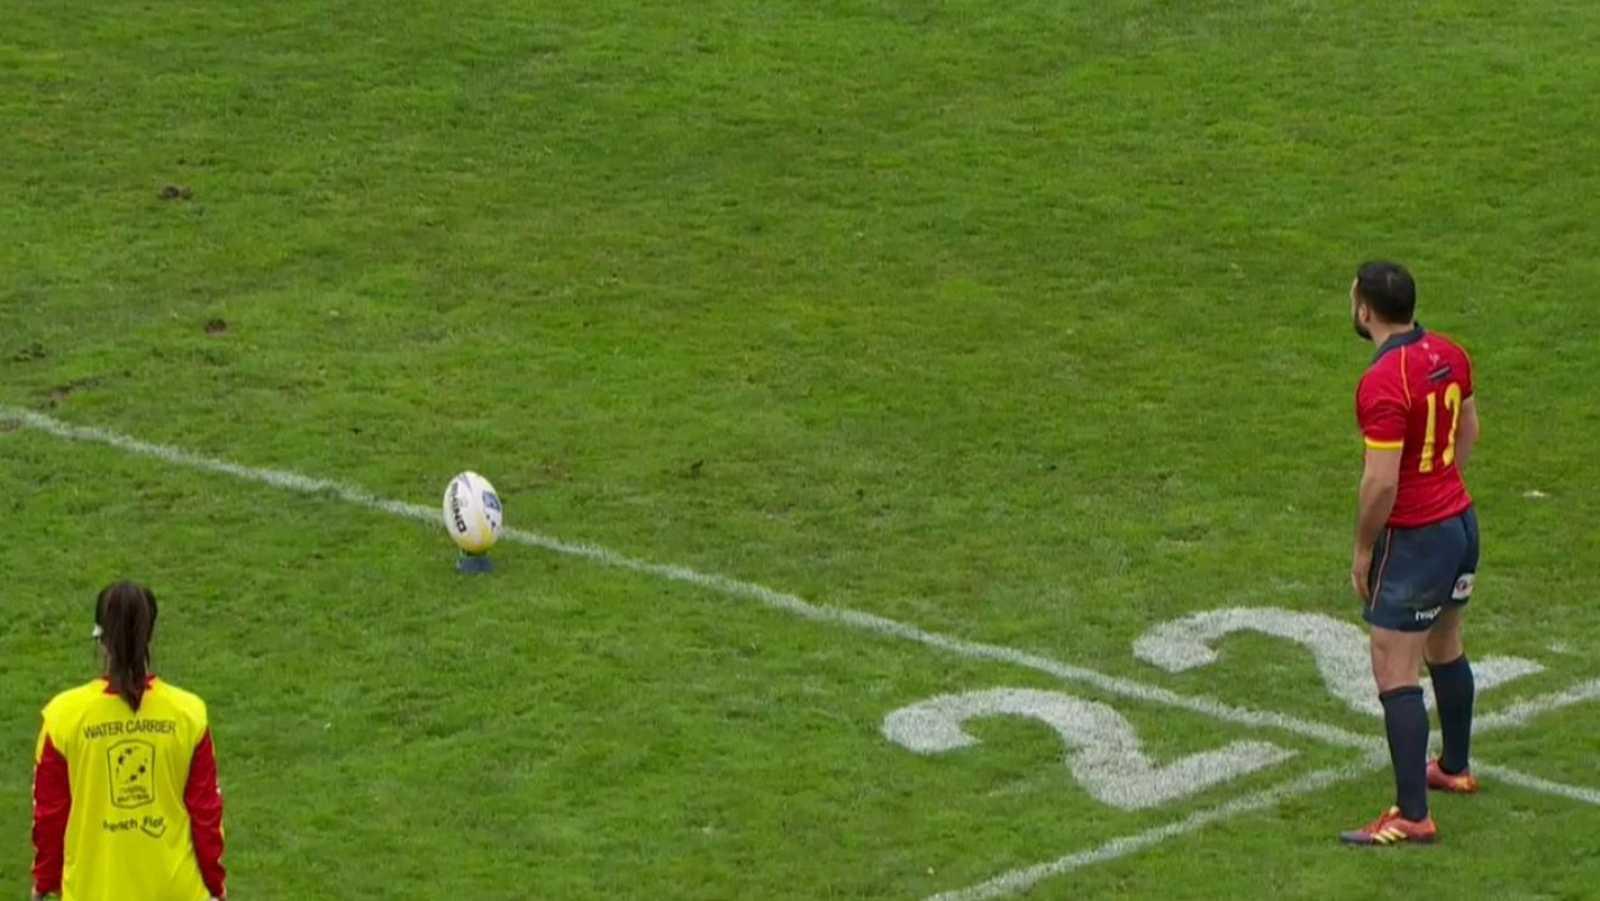 Rugby - Campeonato de Europa Masculino: España - Georgia - ver ahora